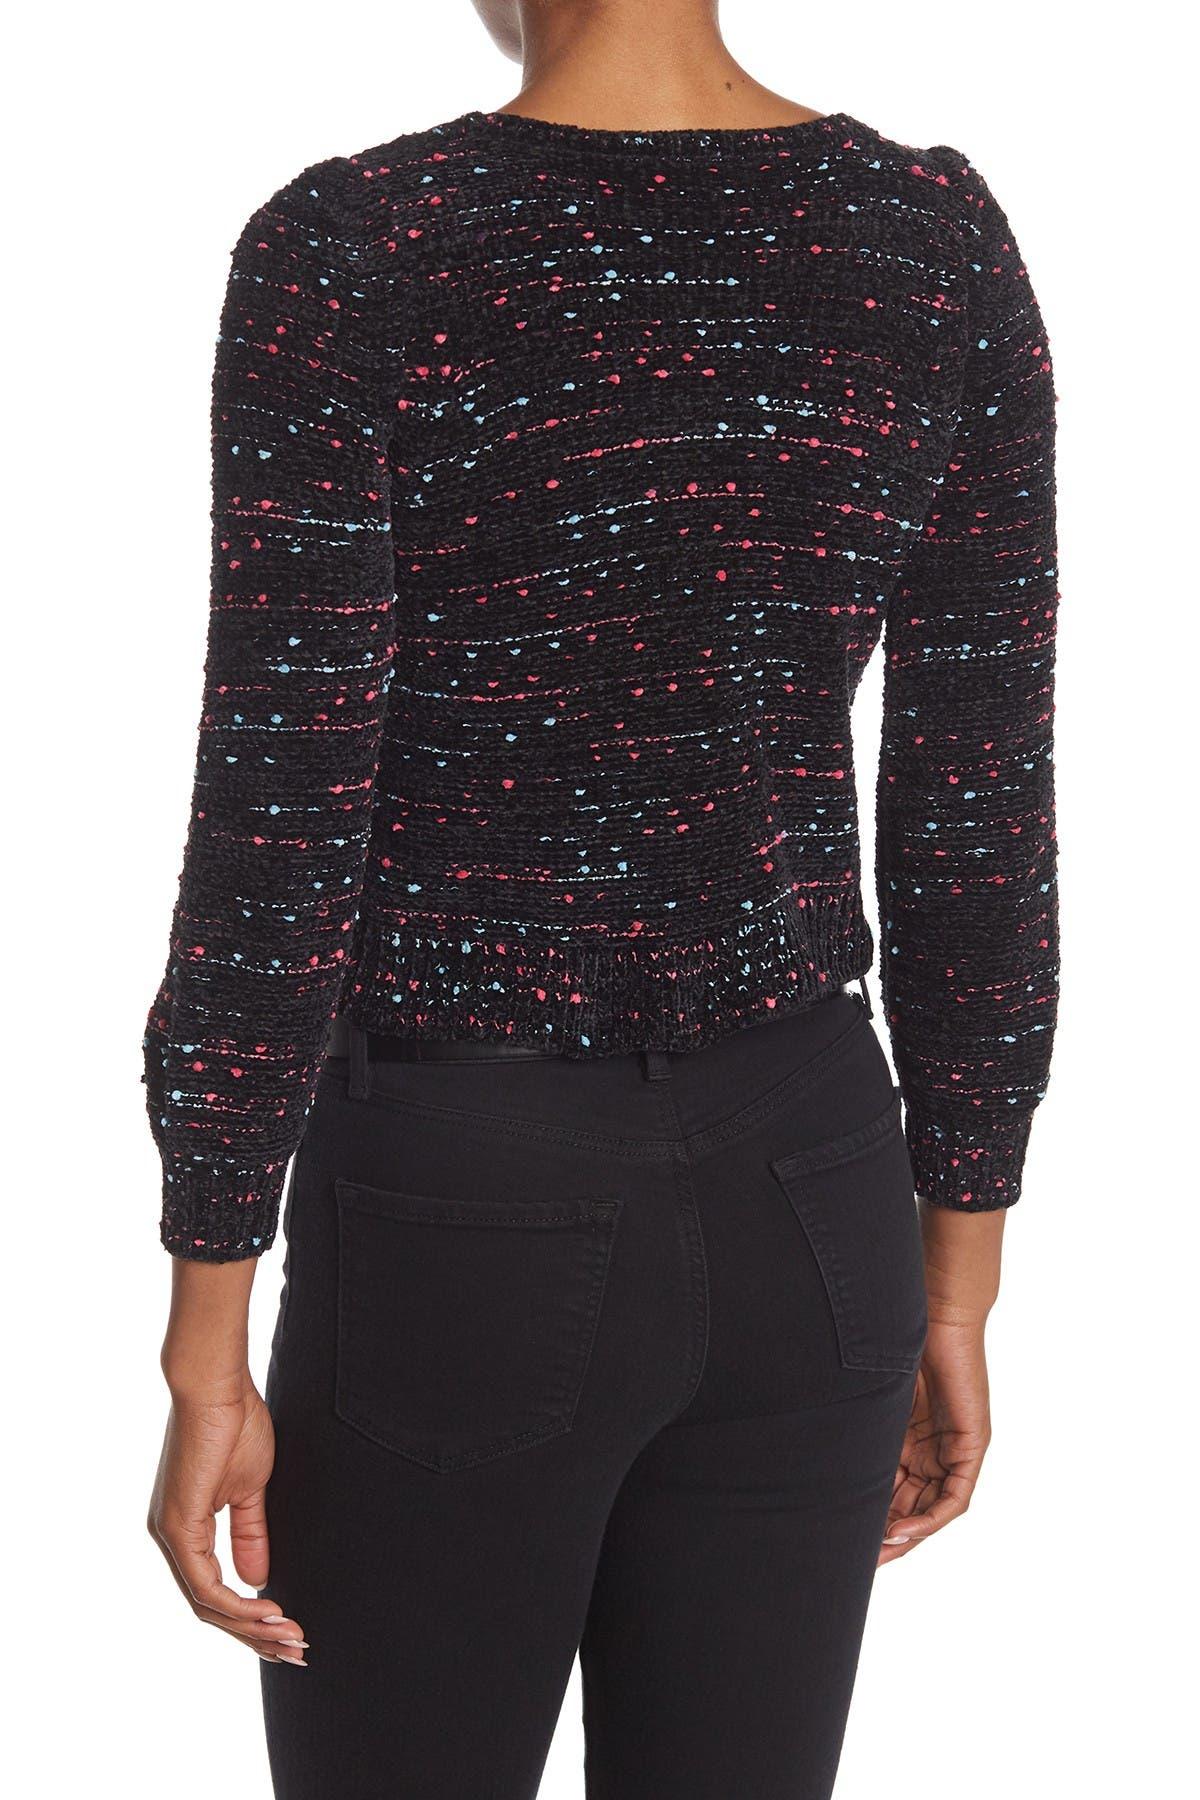 Image of Design History Funfetti Chenille Knit Sweater